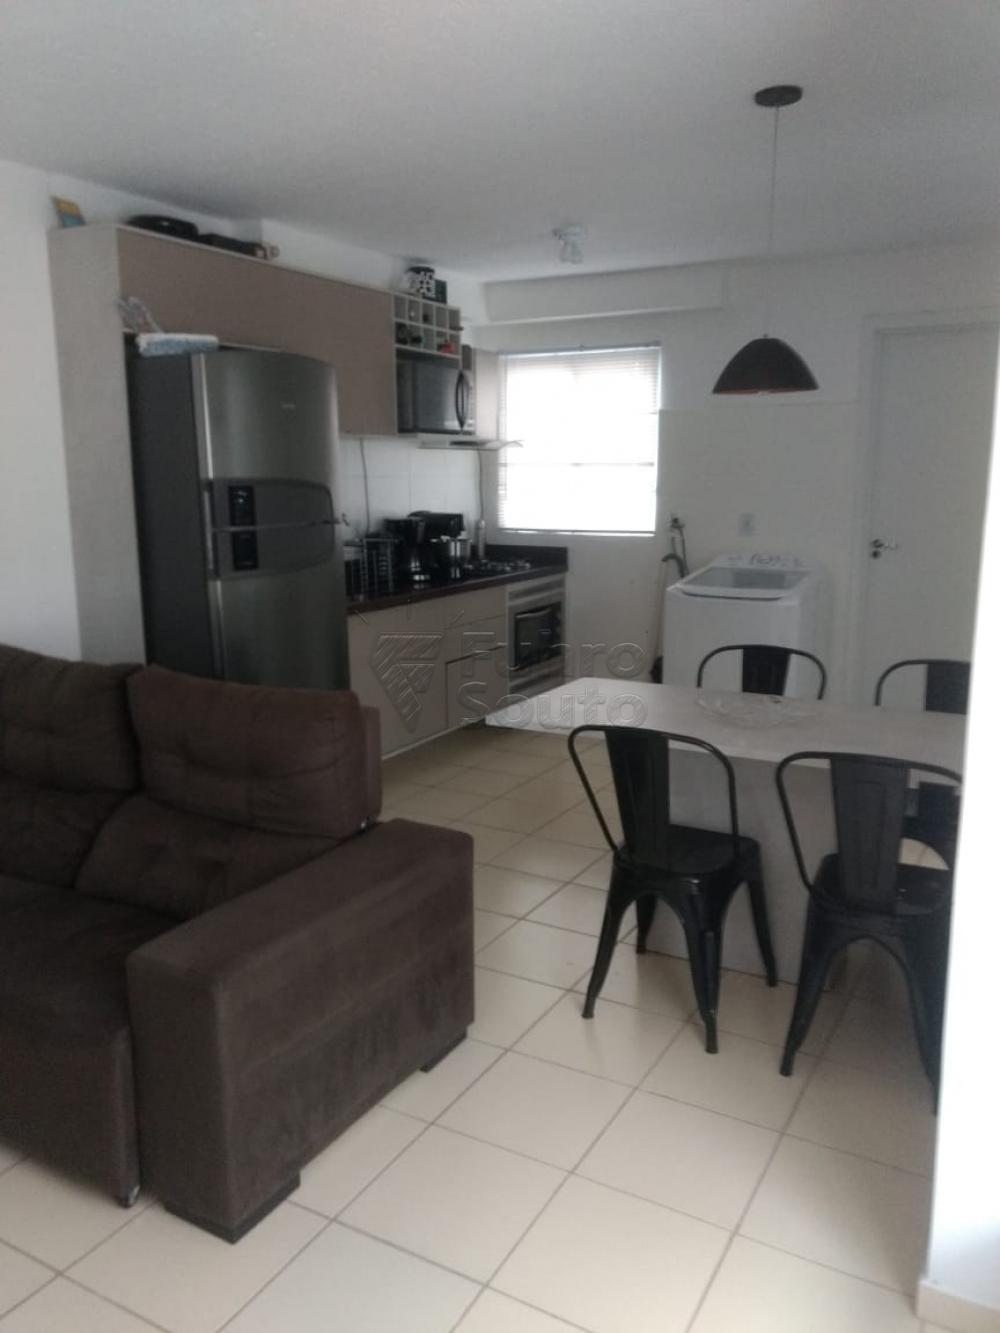 Comprar Apartamento / Padrão em Pelotas R$ 130.000,00 - Foto 4